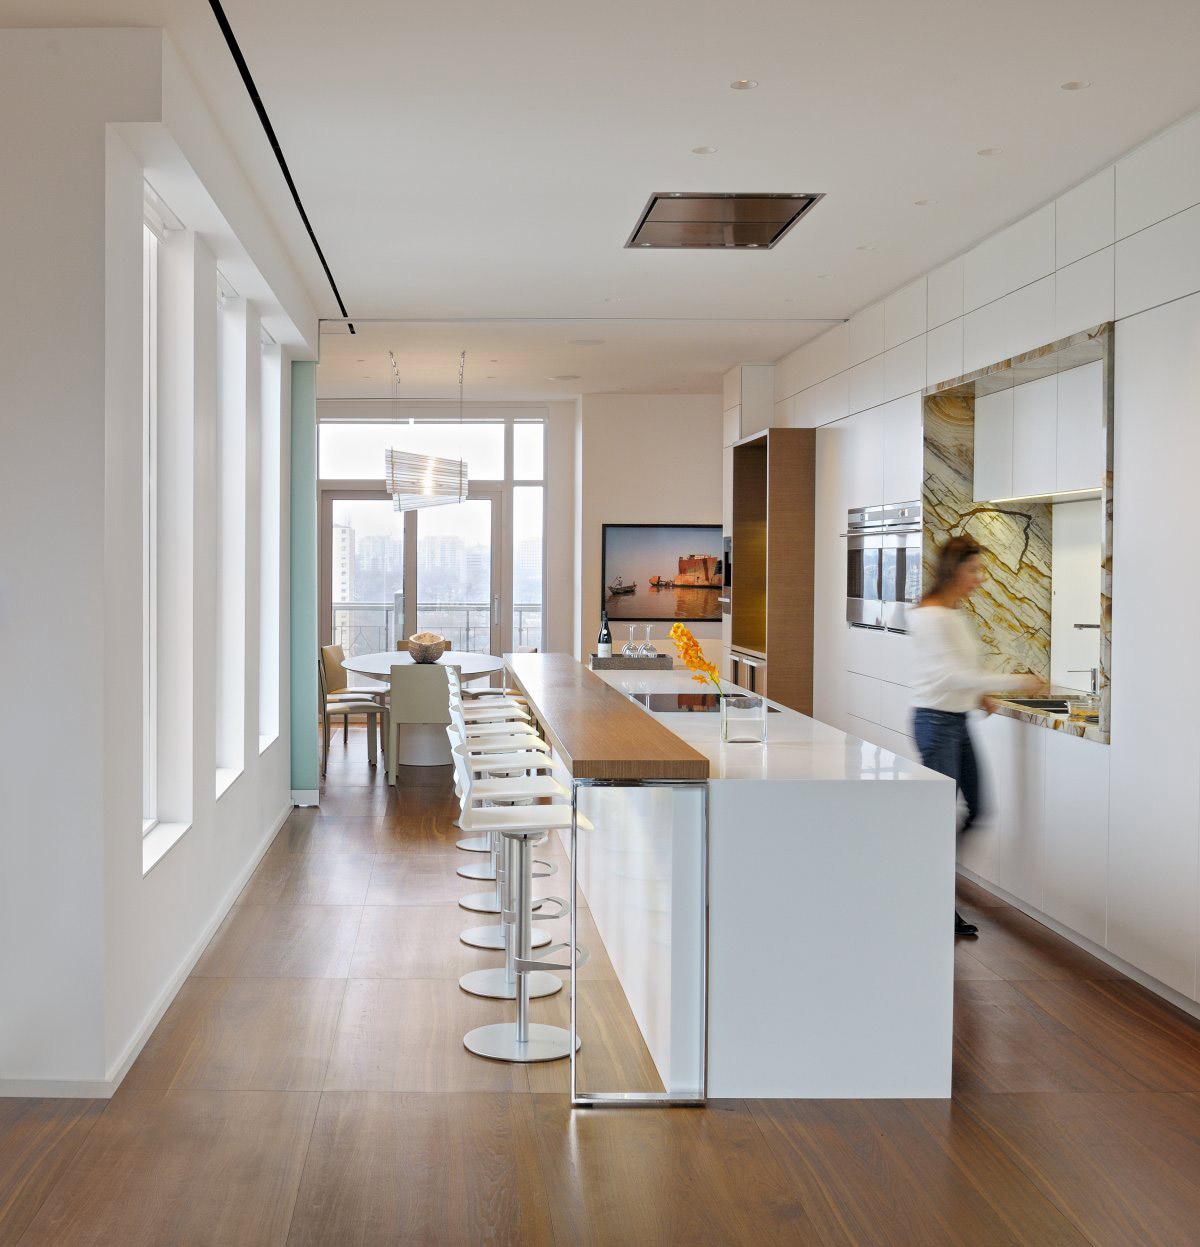 Кухня с барной стойкой в минималистском стиле